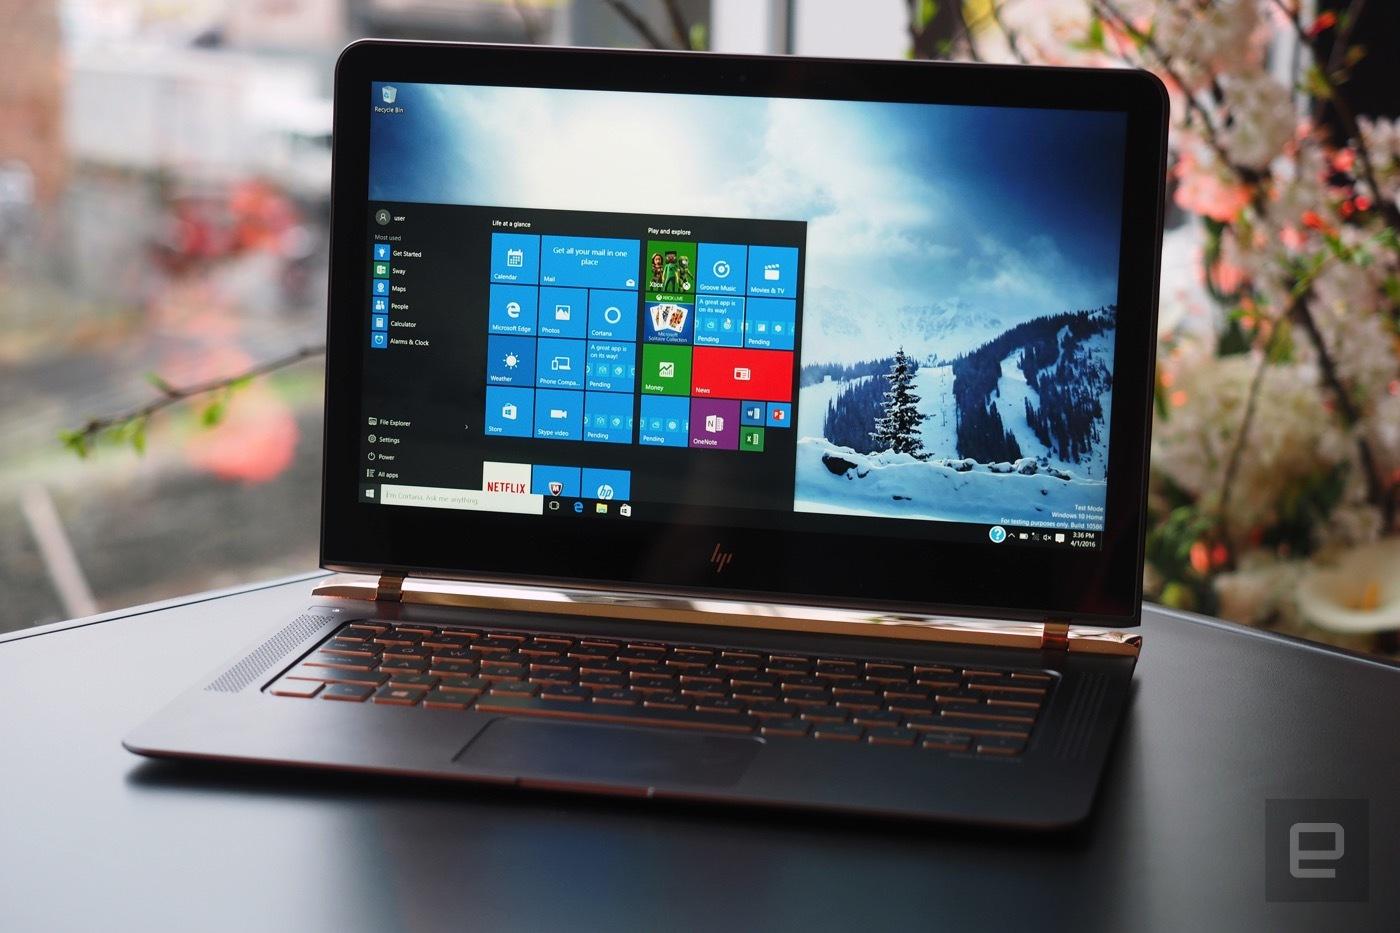 HP realizza un ultrabook più sottile al mondo: ecco quanto è il suo spessore